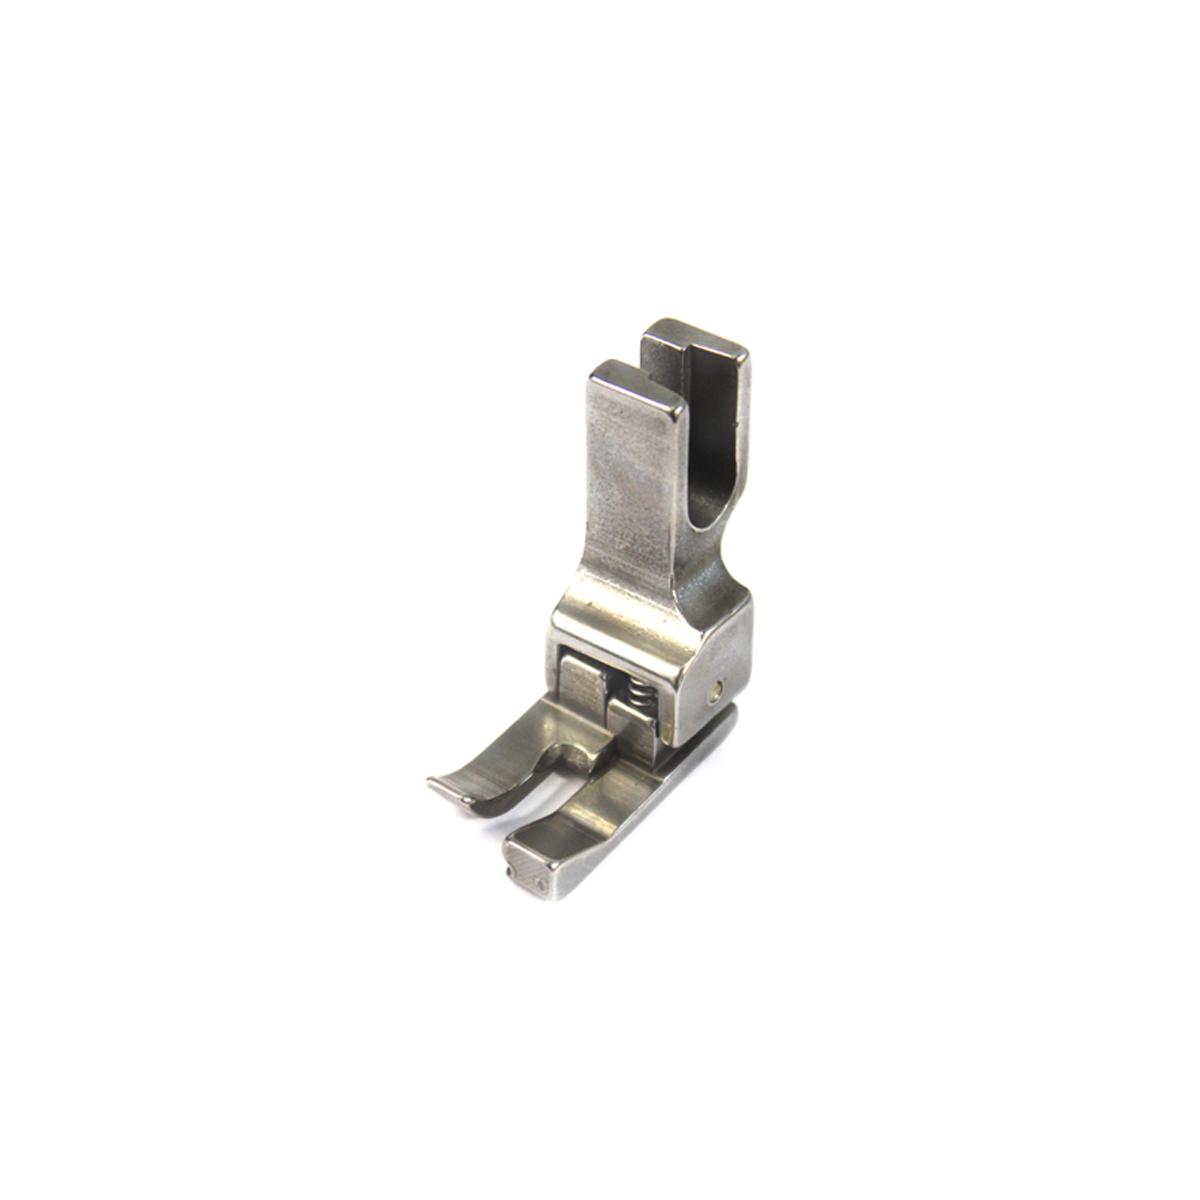 Лапка для швейной машины Bestex, правая, для отстрочки края материалов, 2 ммVAX 01 (2) Kit ЭкстраЛапка для швейной машины Bestex изготовлена из металла. Изделие используется для отстрочки края материалов. Подходит для большинства современных бытовых швейных машин.